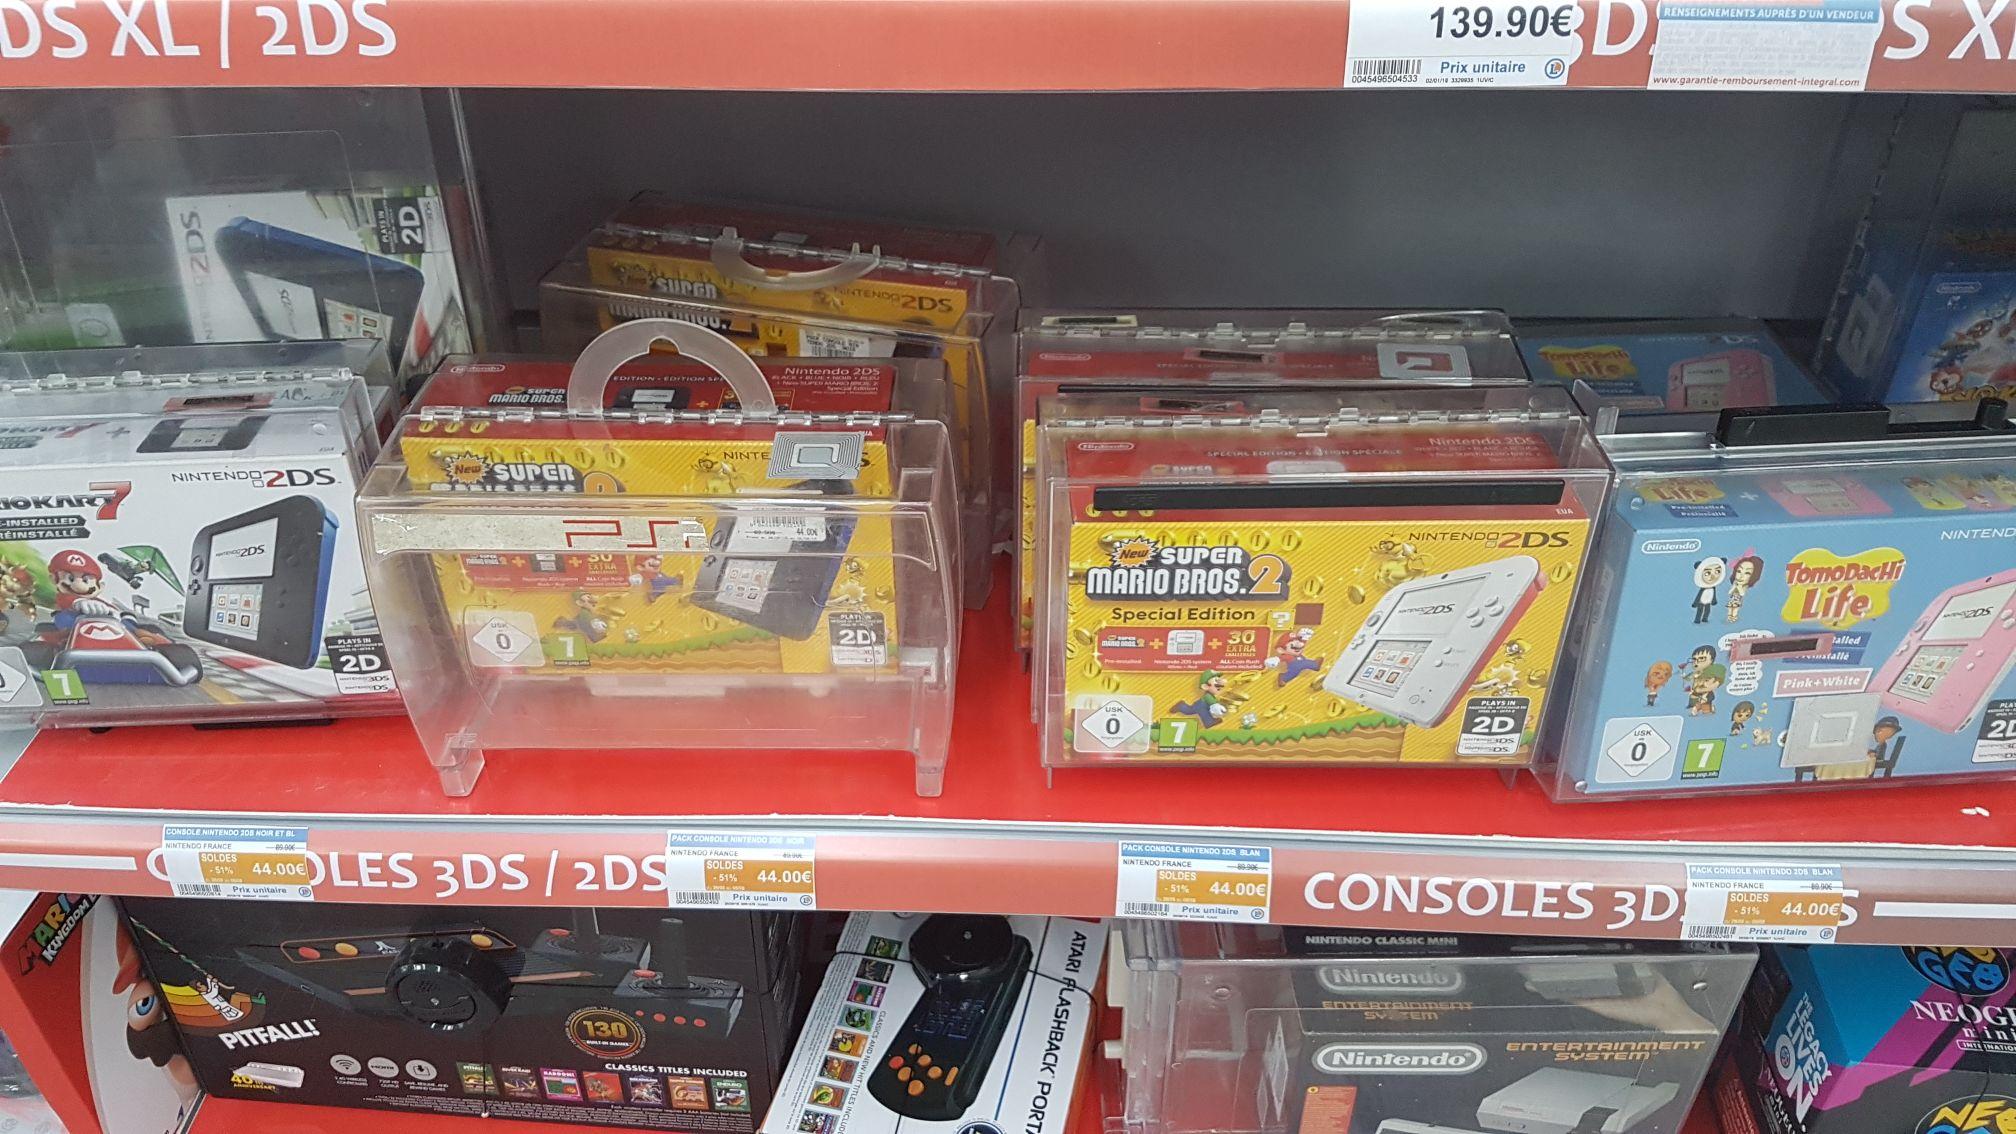 Console Nintendo 2DS (Plusieurs modèles) - Gonfreville-l'Orcher (76)